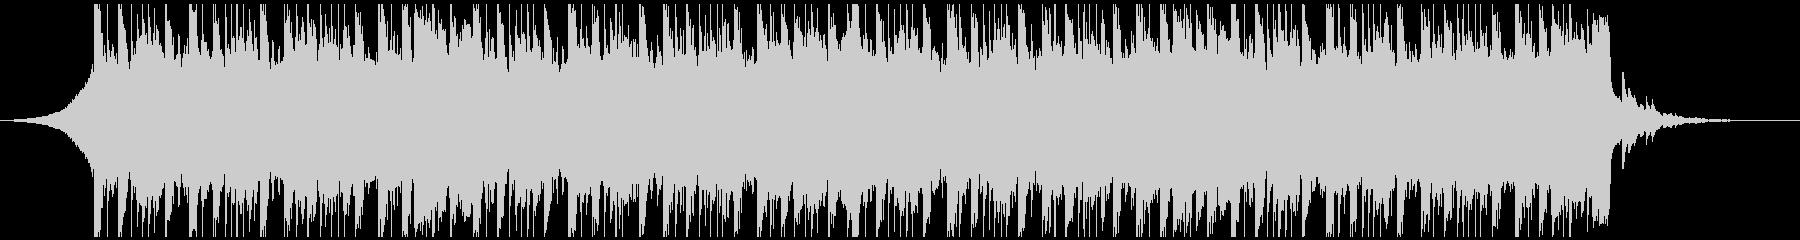 テクニカルコーポレート(短)の未再生の波形